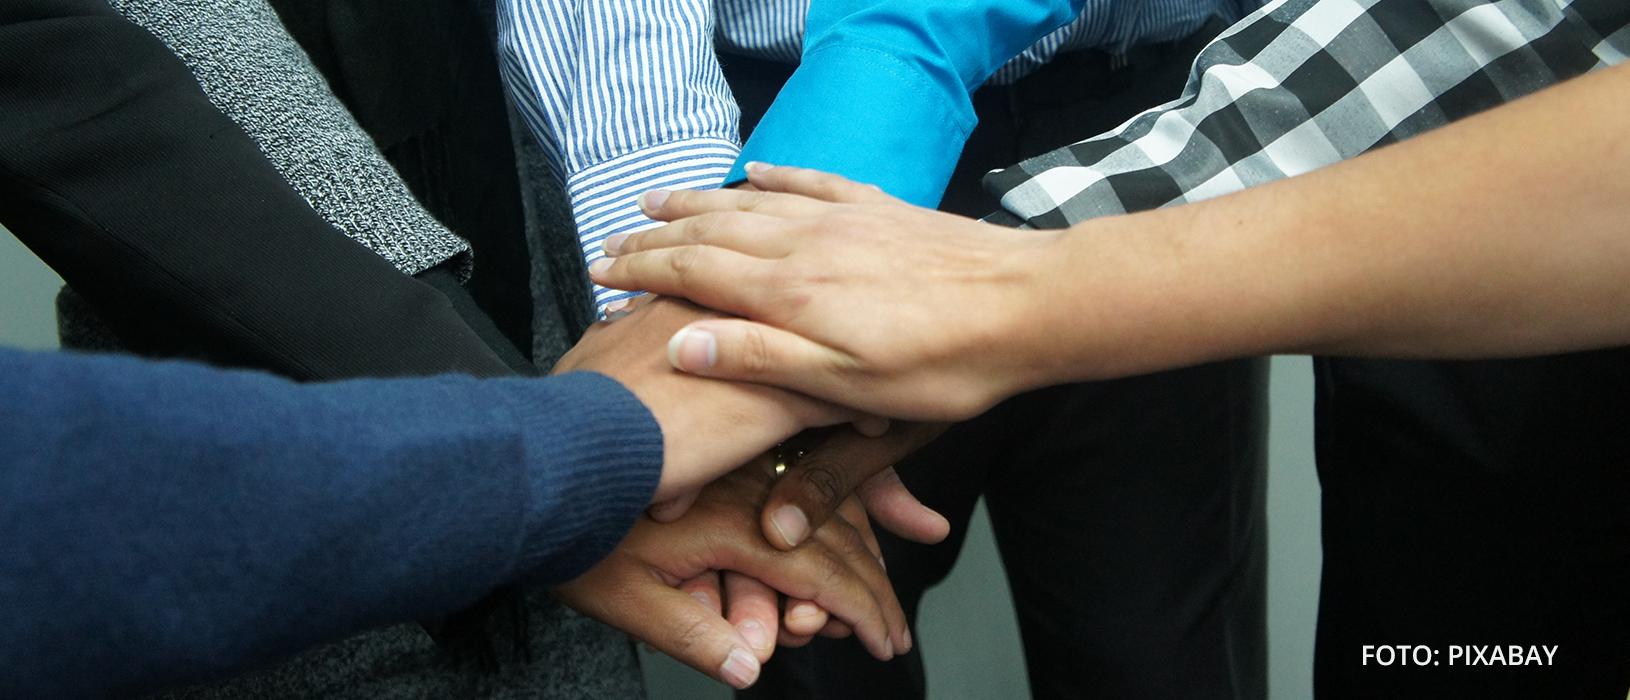 Das Teamgefühl zu fördern kann eine positive Wirkung auf das gesamte Unternehmen haben. Foto: Pixabay